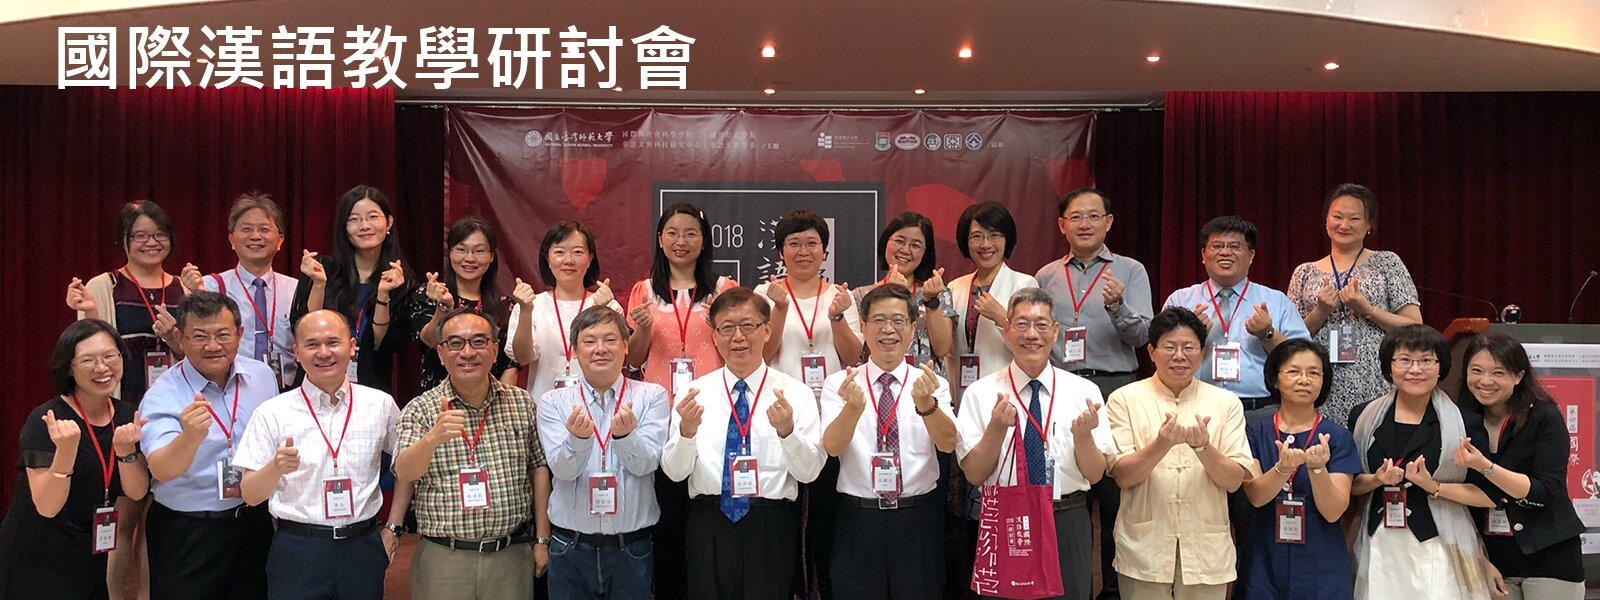 國際漢語教學研討會